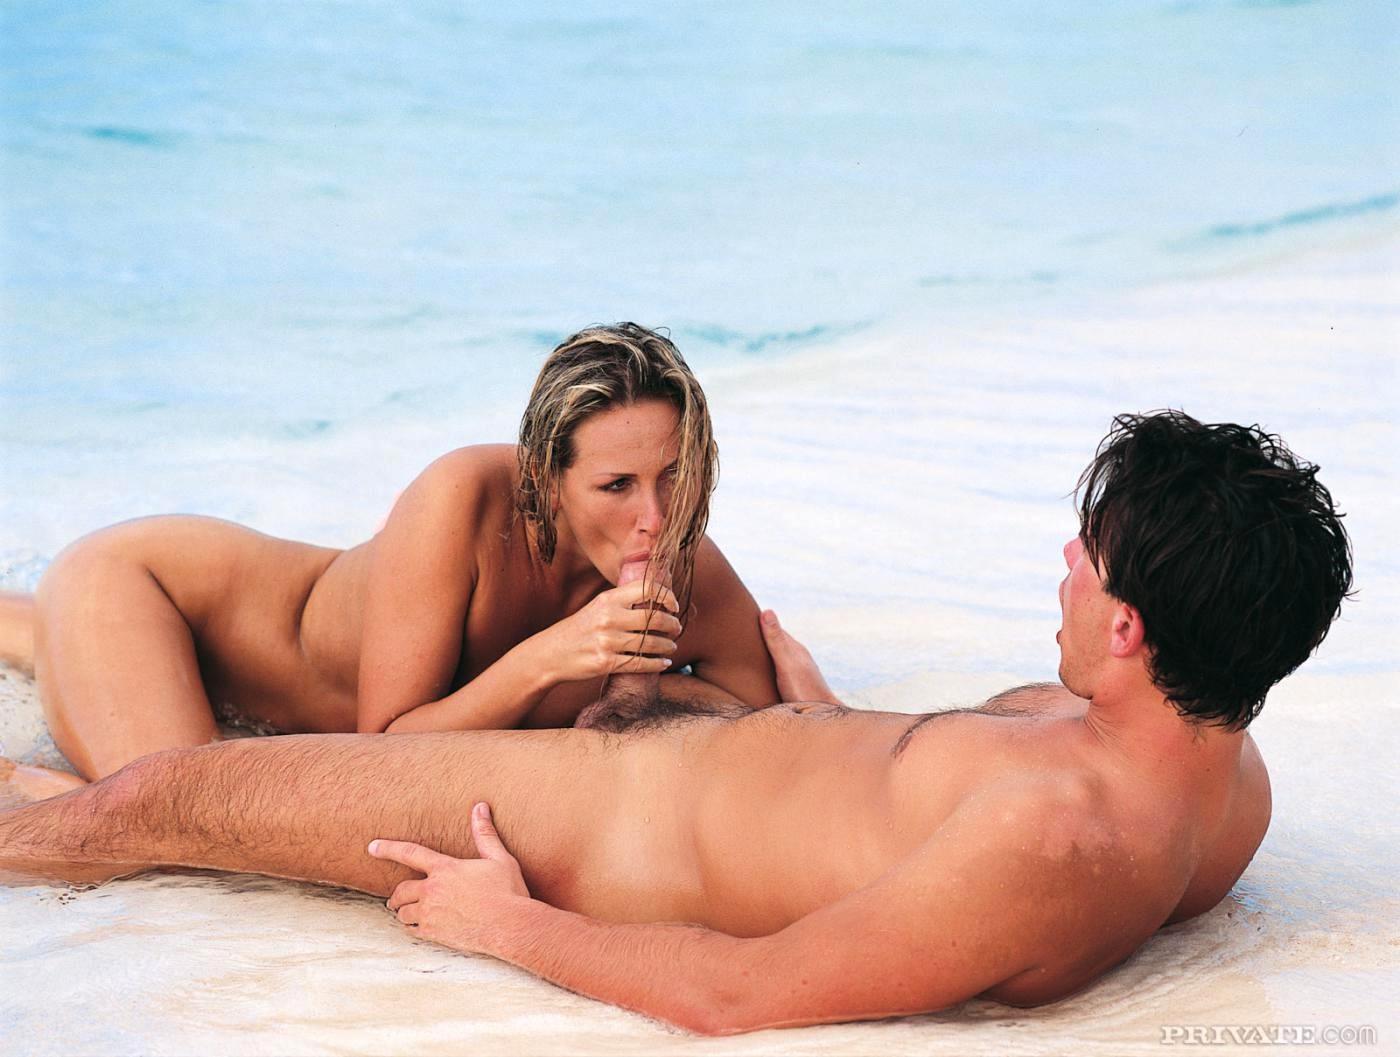 Просмотр порно фильмов секс на пляже онлайн в хорошем качестве, галерея фото известных порно актрис